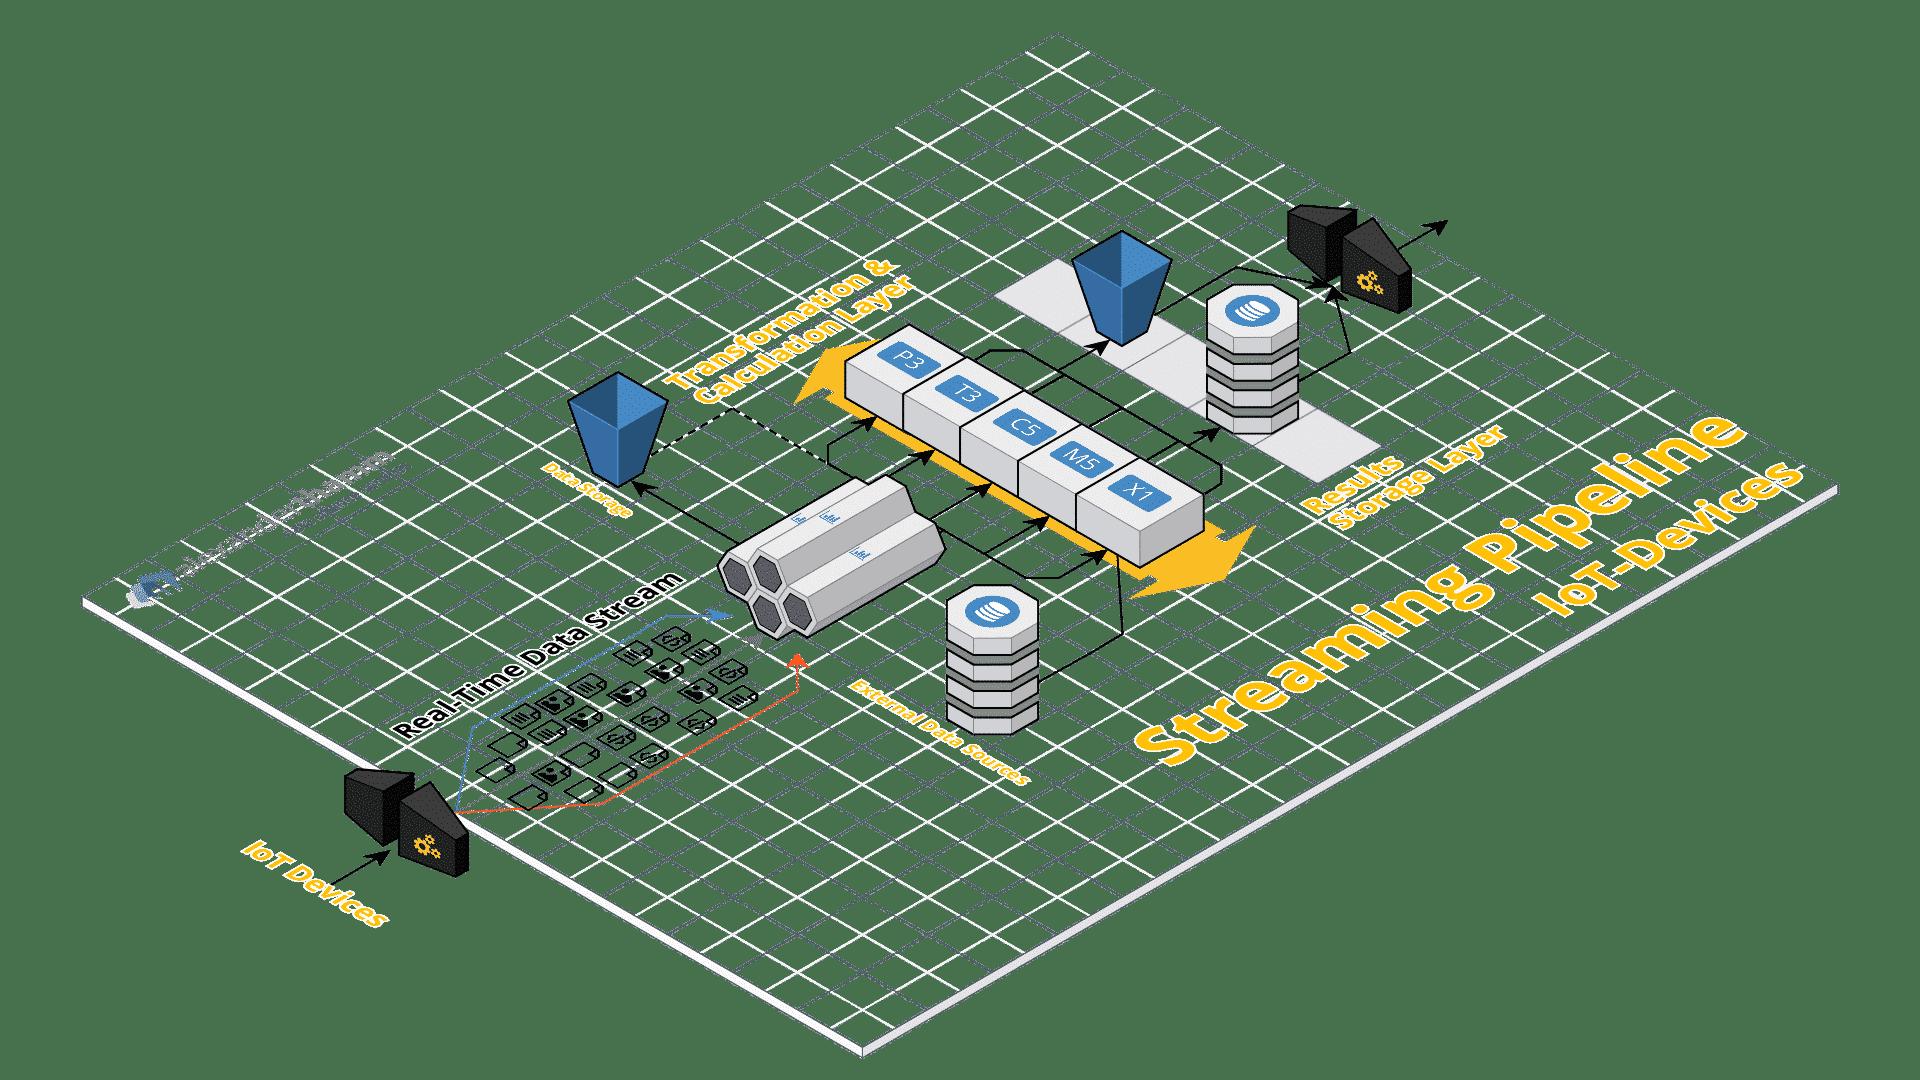 Data Pipelines sind ein zentraler Aspekt von datengetriebenen Projekten - unerlässlich für regelmäßige, zuverlässige und schnelle Datenbereitstellung.